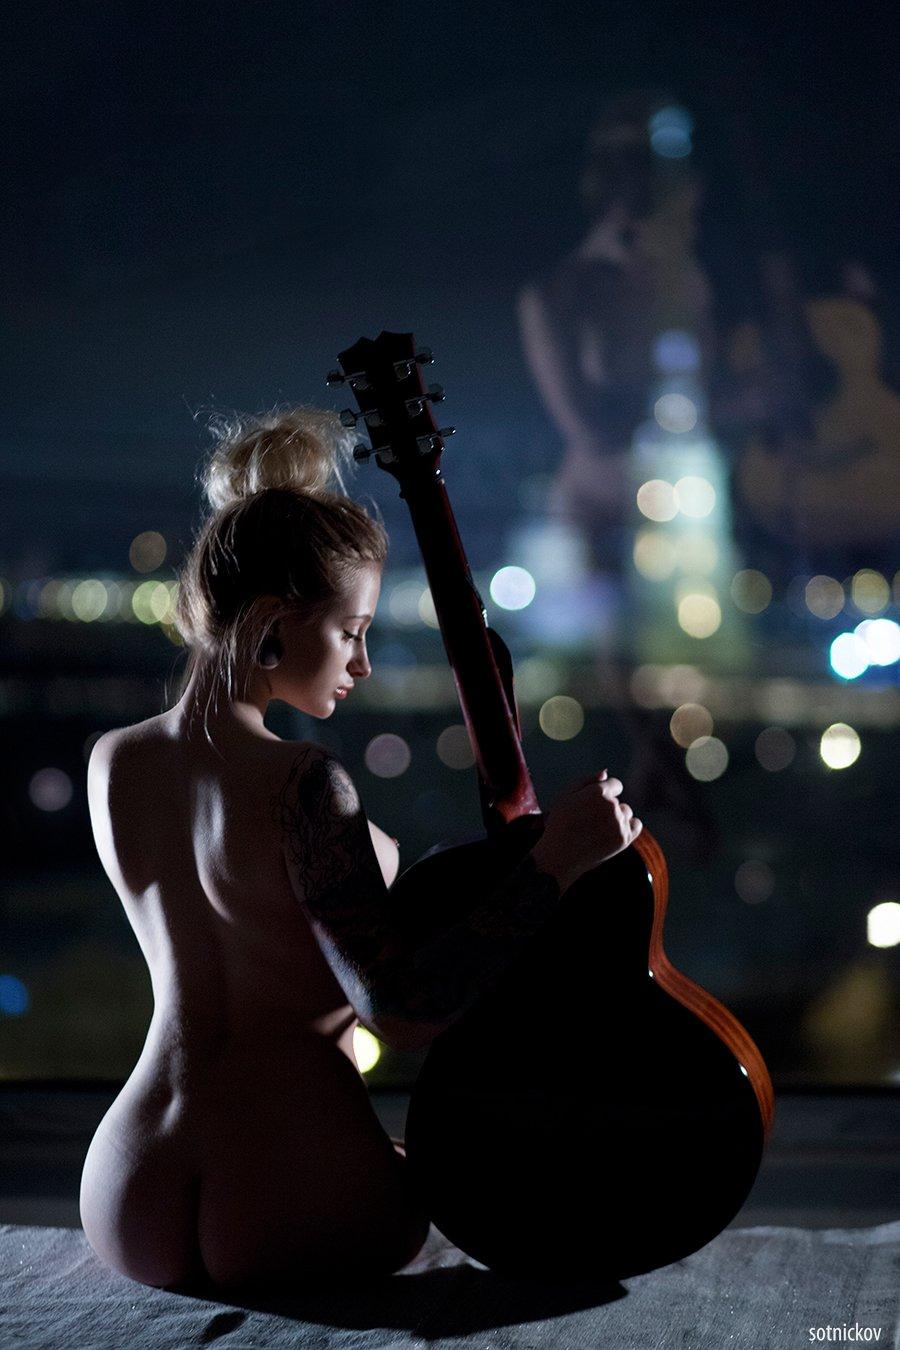 гитара, ночной город, огни, спб, питер, ппк, девушка, ню, фигура, свет, изгибы , Сотников Иван